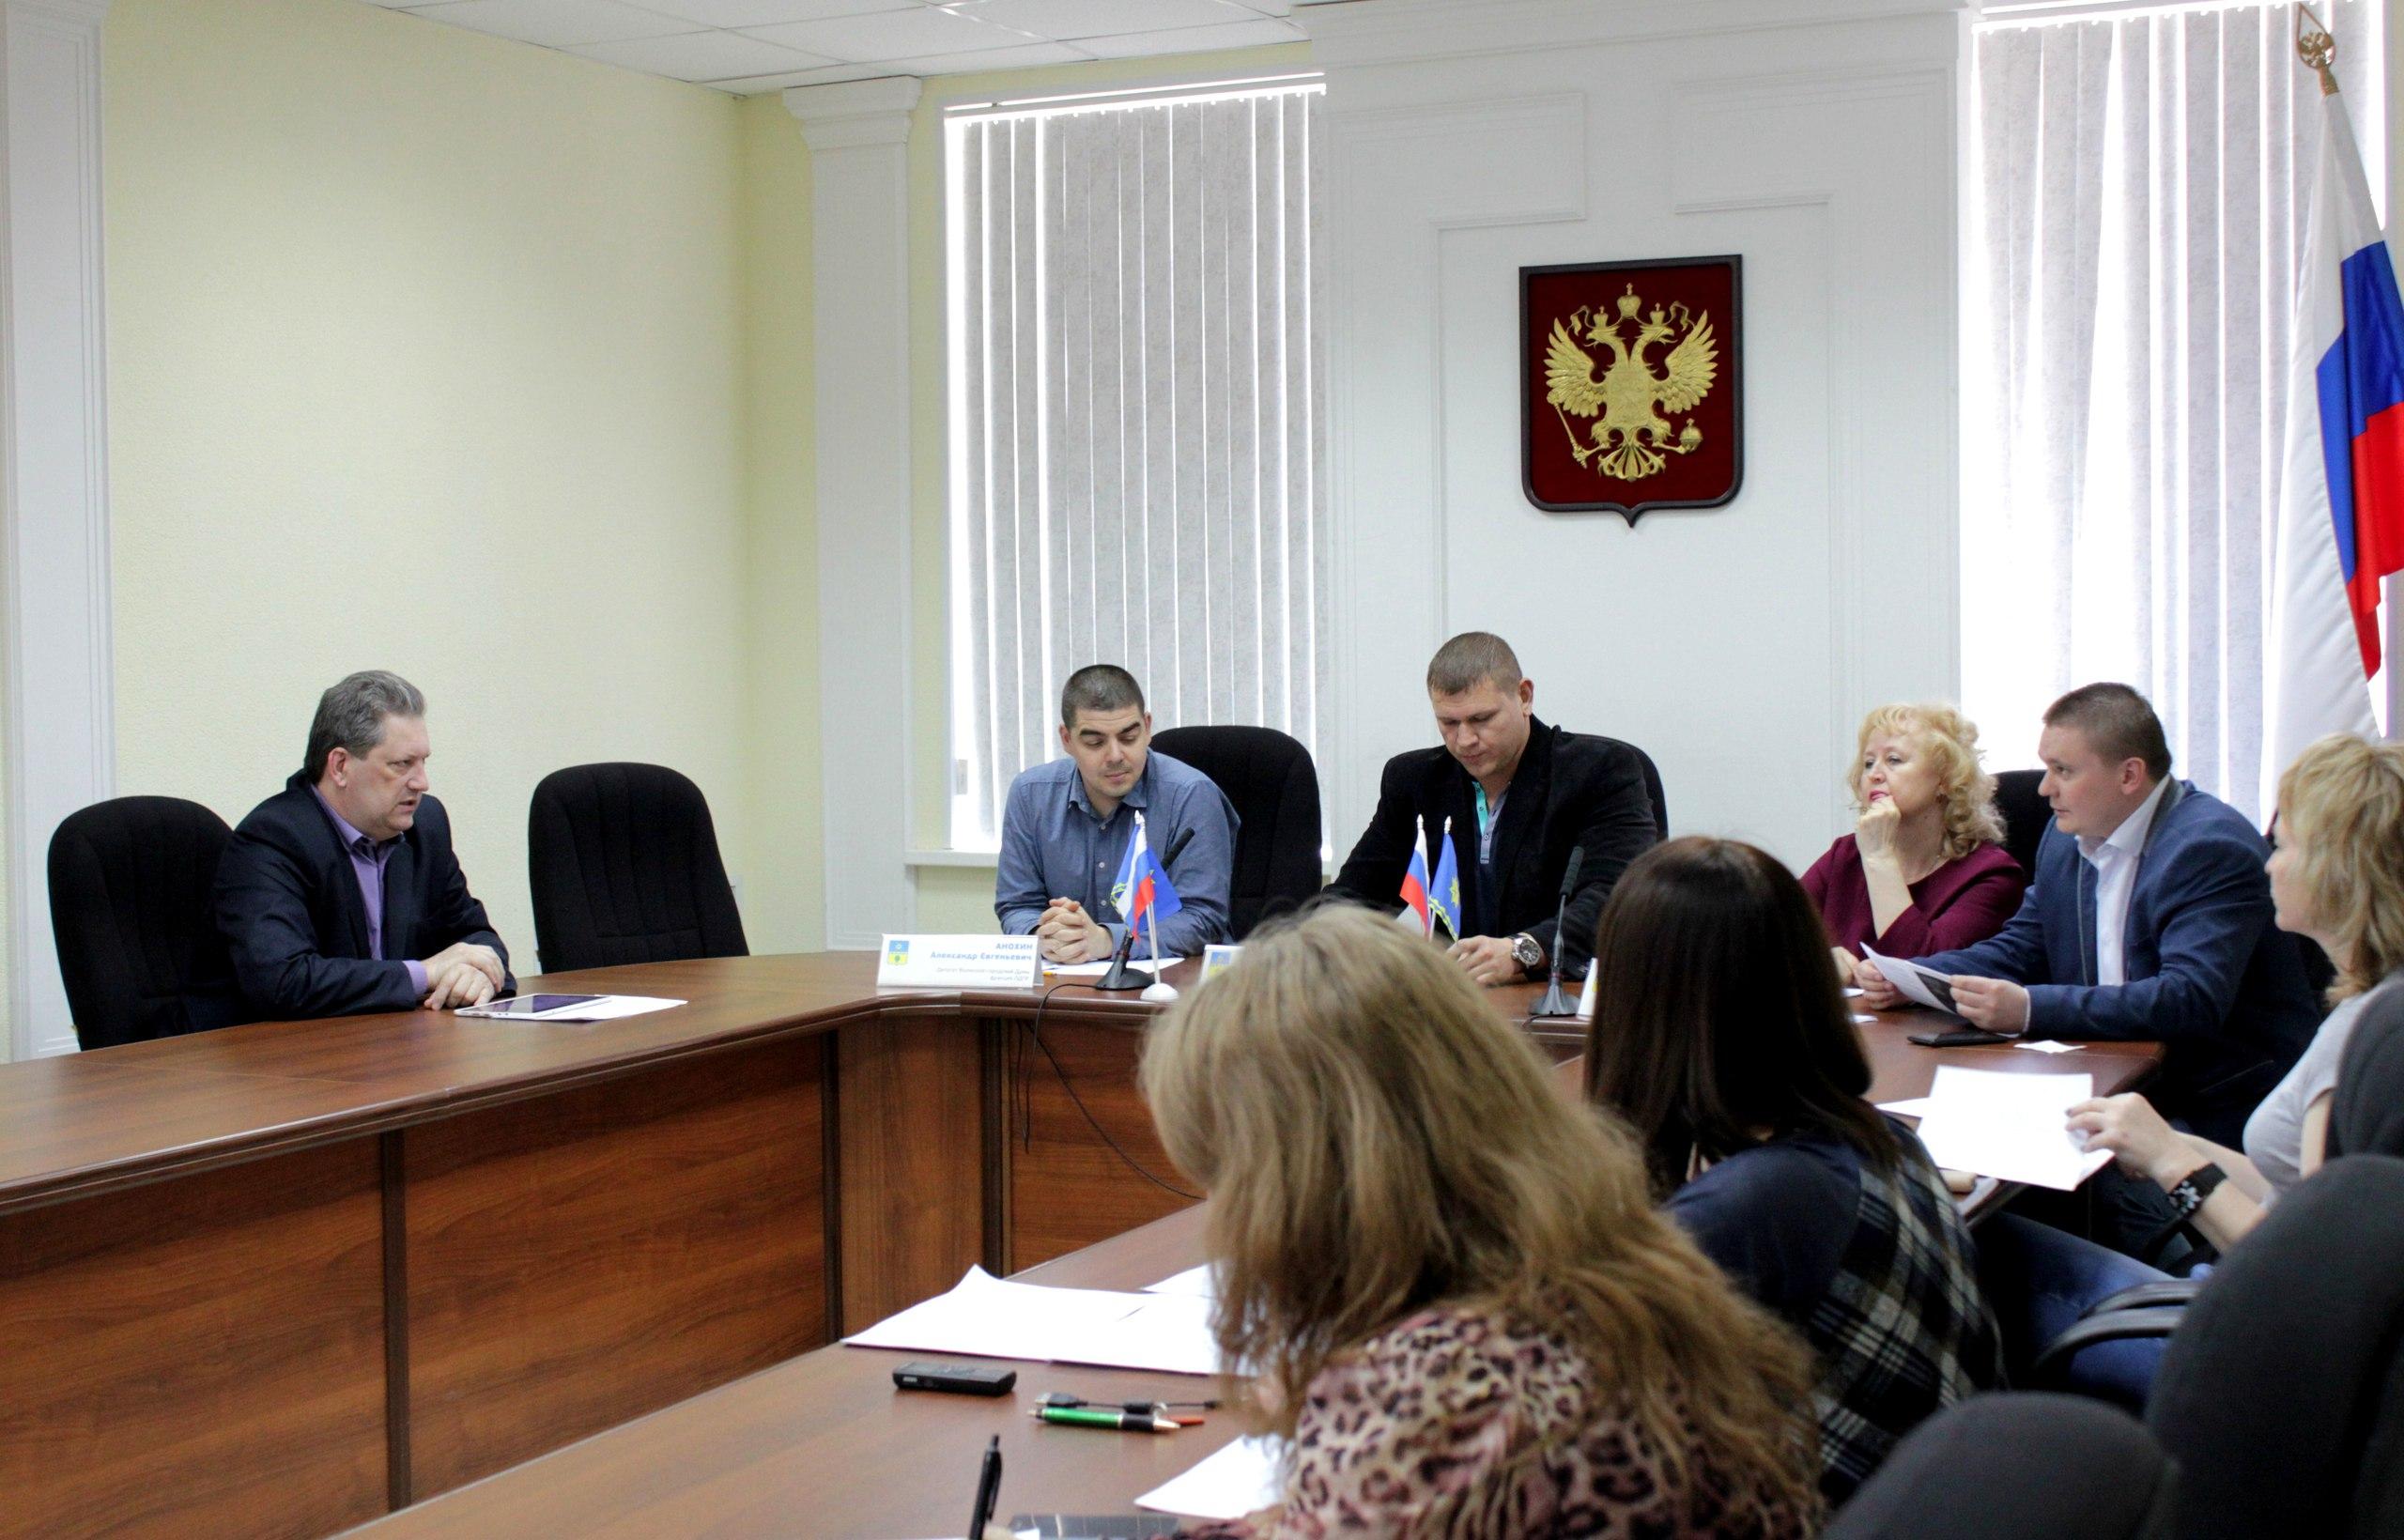 Комиссия по молодежной политике, спорту и туризму